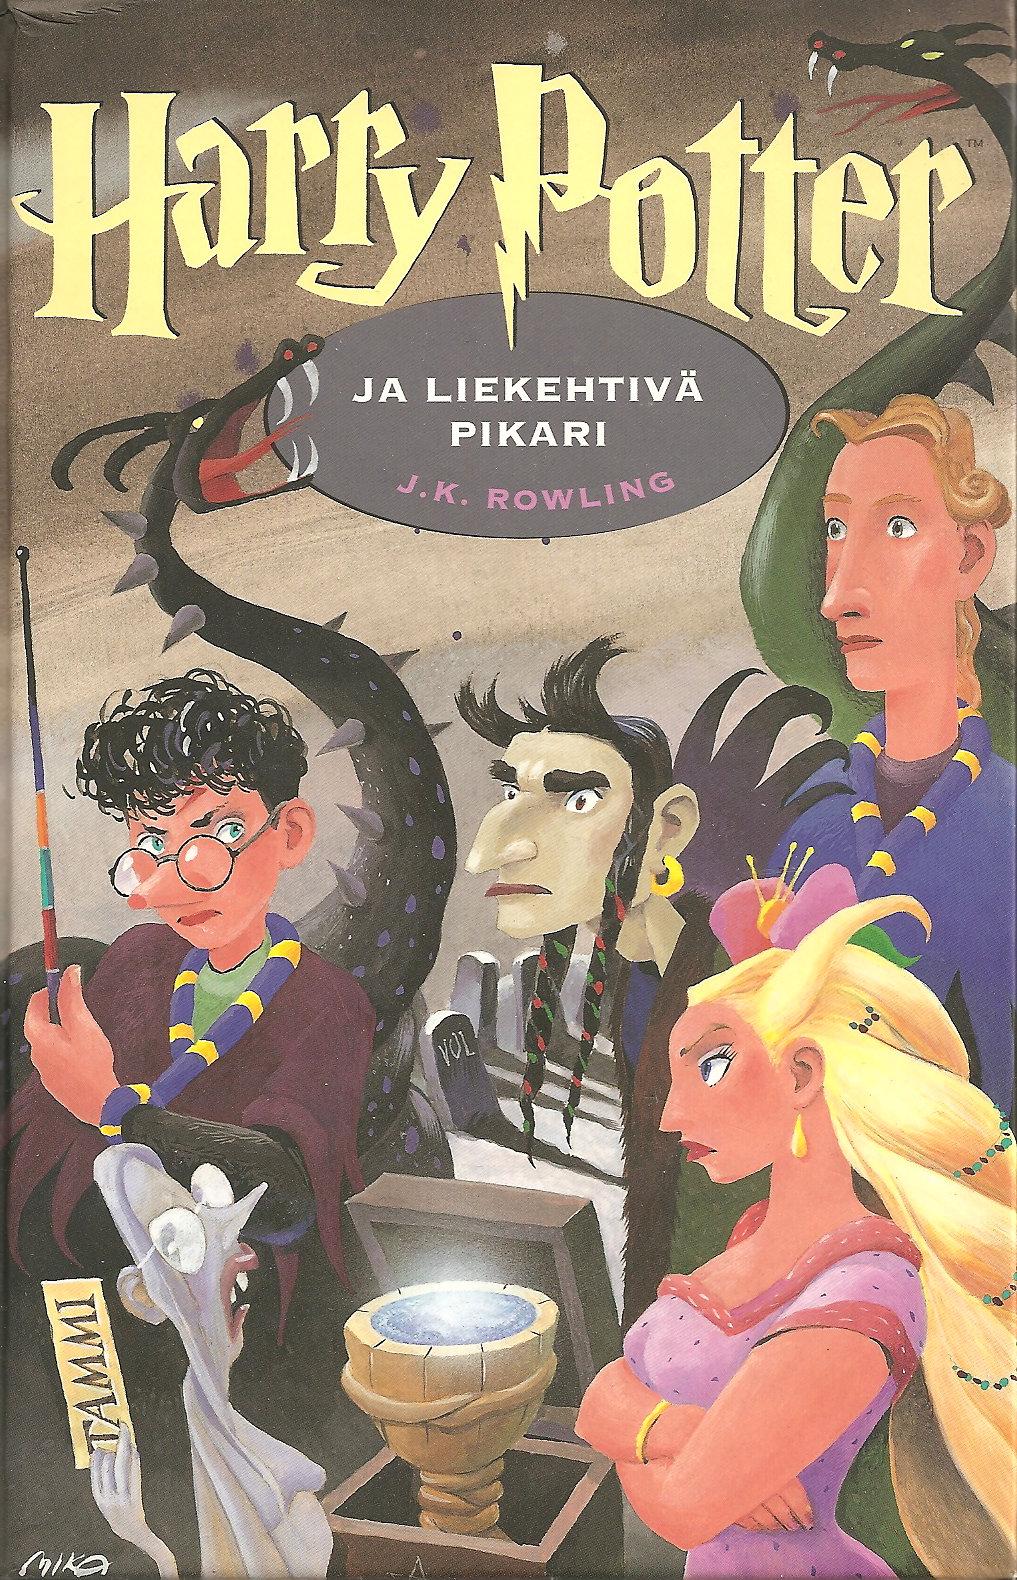 Harry Potter sarja kuva suku puoli kuvia fake agentti anaaliseksiä